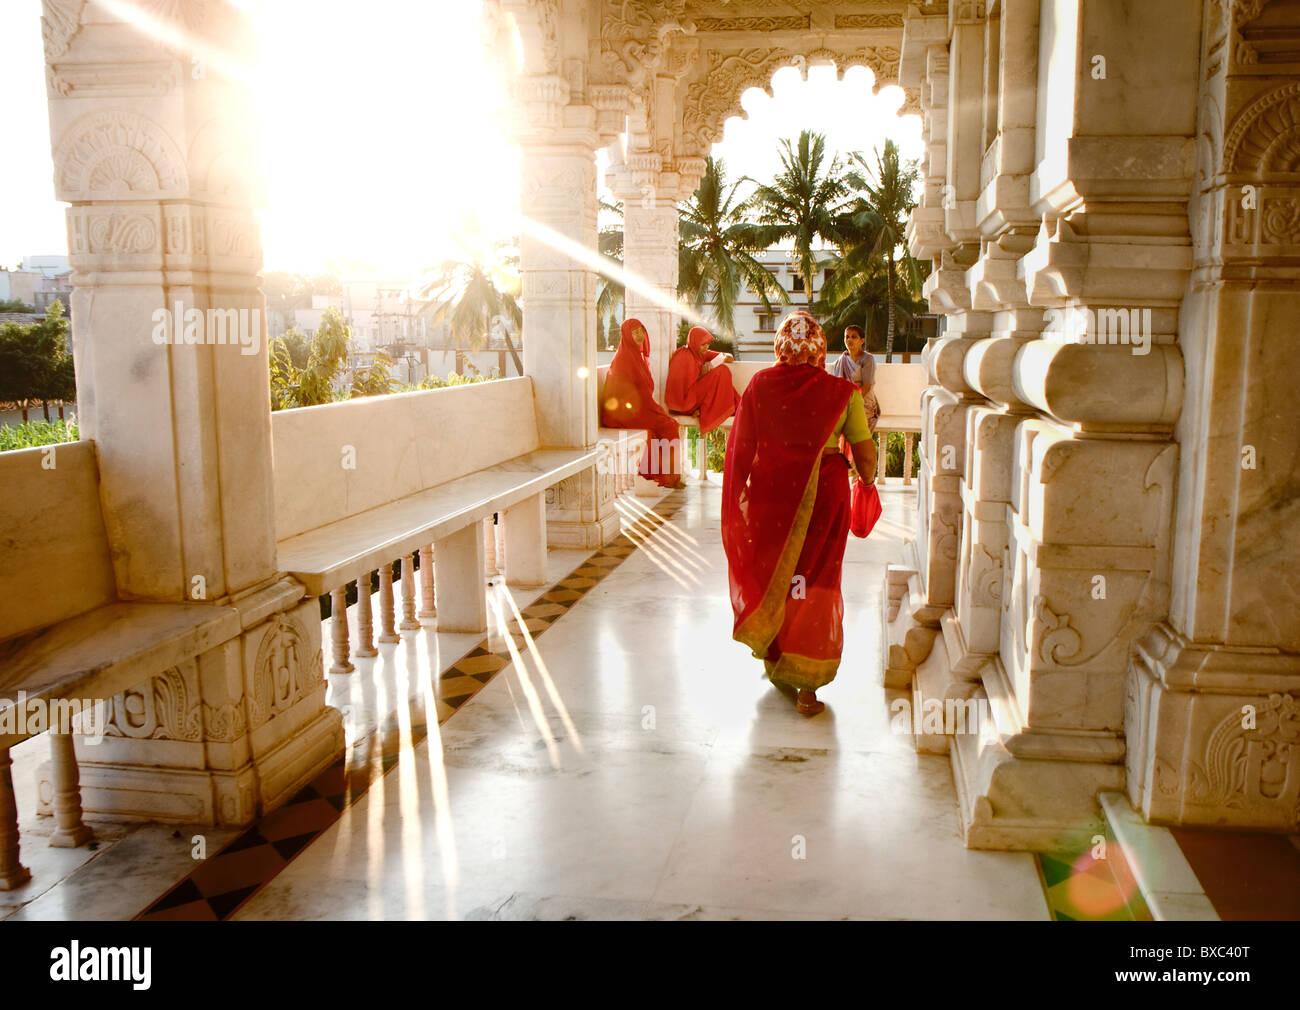 De beaux paysages dans un temple à Mandvi, Gujarat, Inde Photo Stock